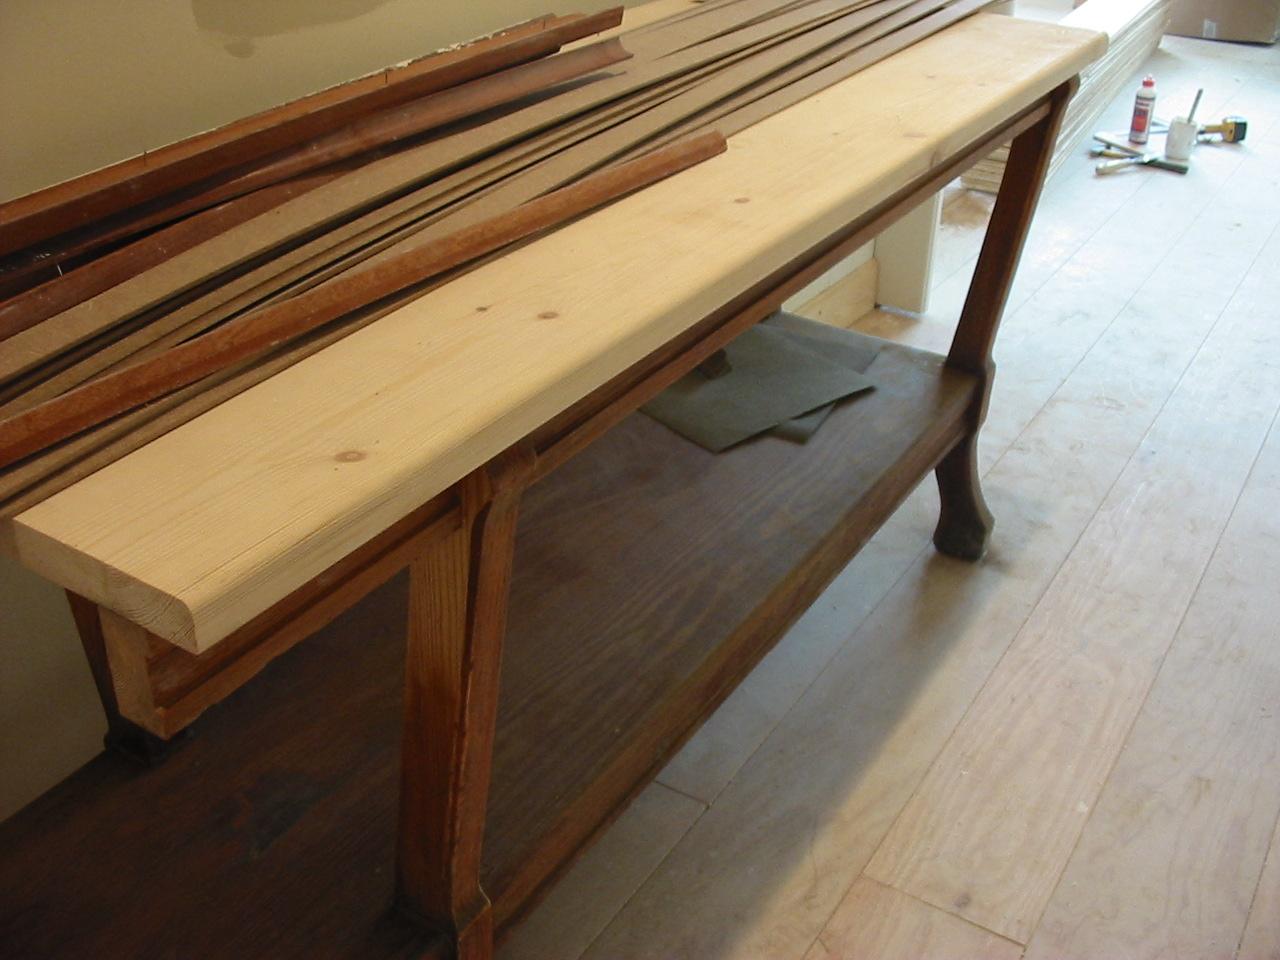 Atelier de meubles for Mueble viejo